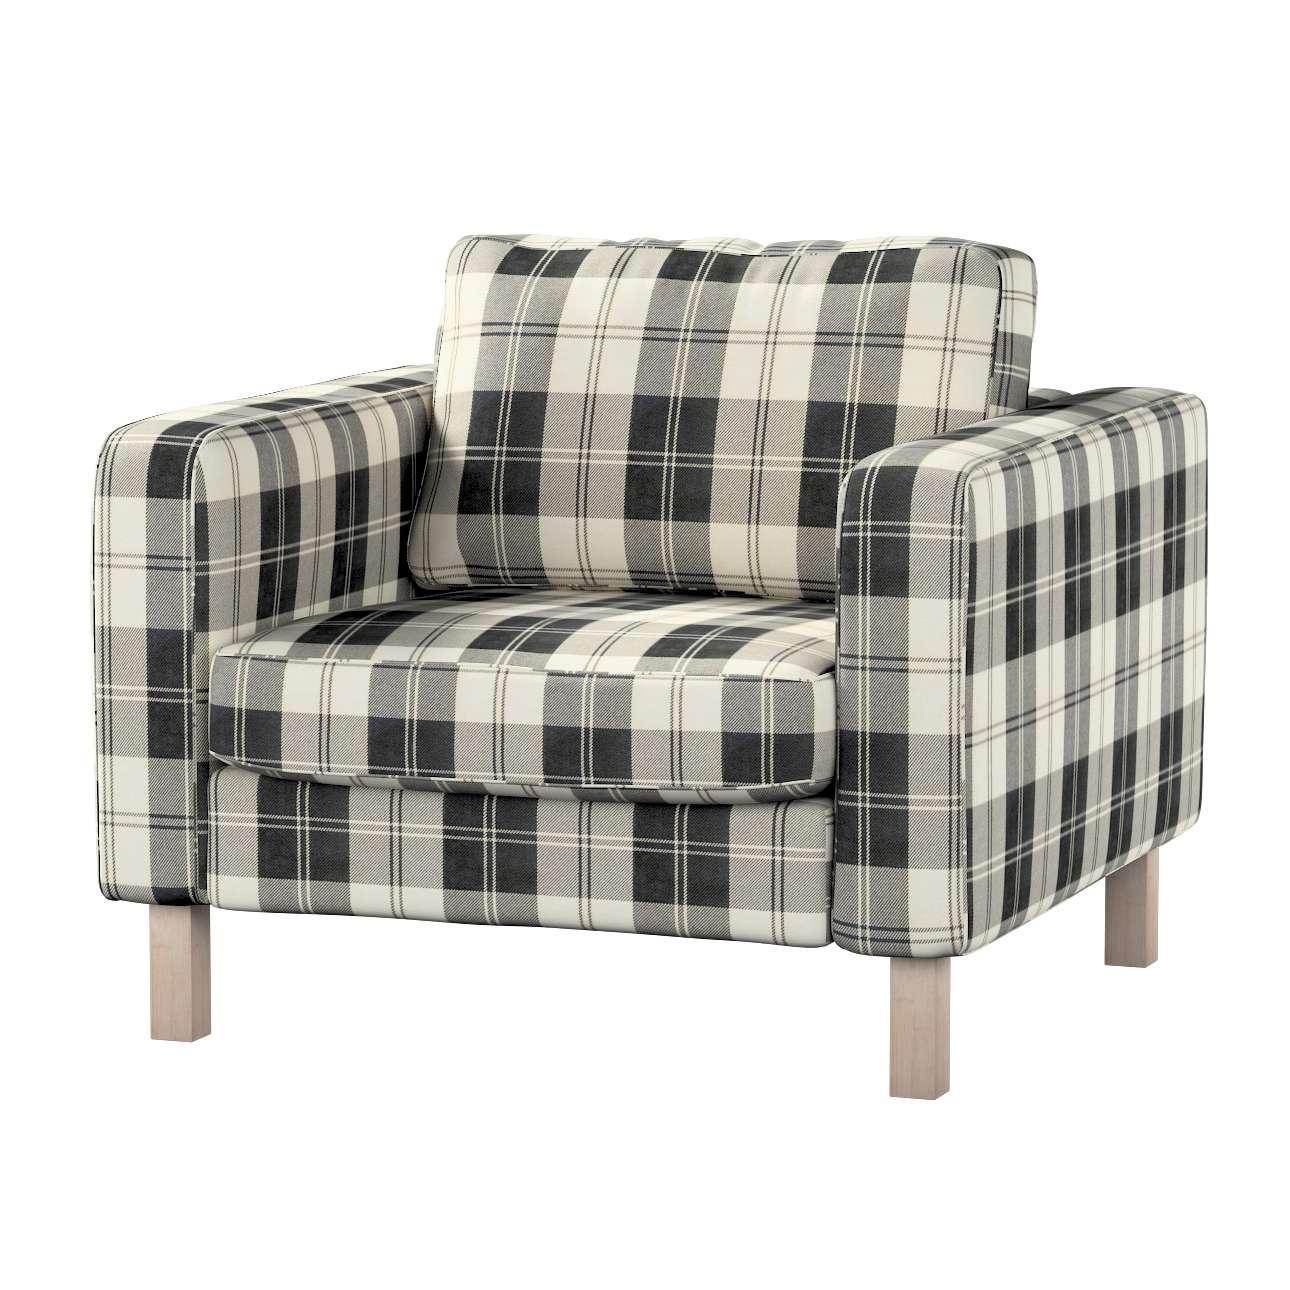 Pokrowiec na fotel Karlstad, krótki w kolekcji Edinburgh, tkanina: 115-74